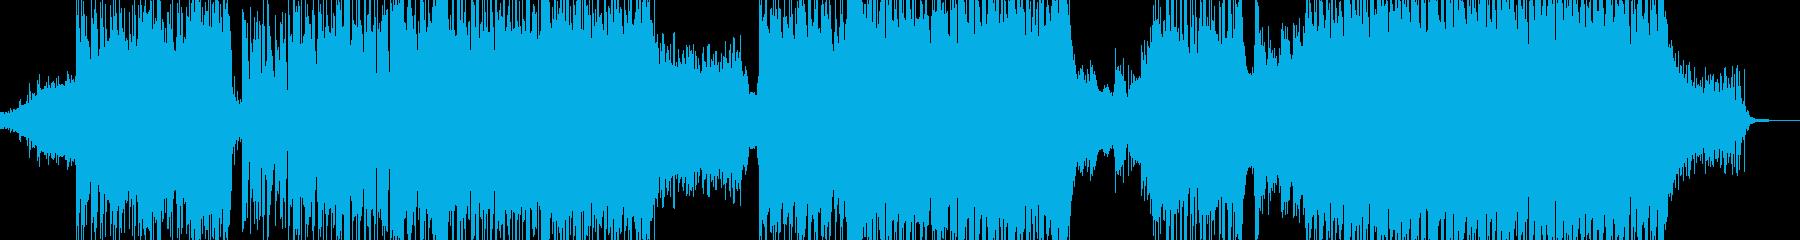 闇→光・爽快で感動的に展開 エレキ無A+の再生済みの波形